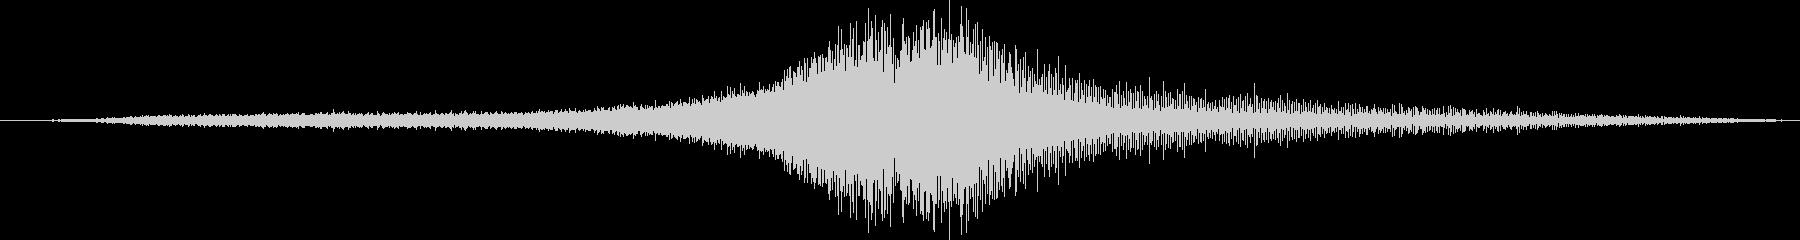 セスナ172シングルプロップ:内線...の未再生の波形